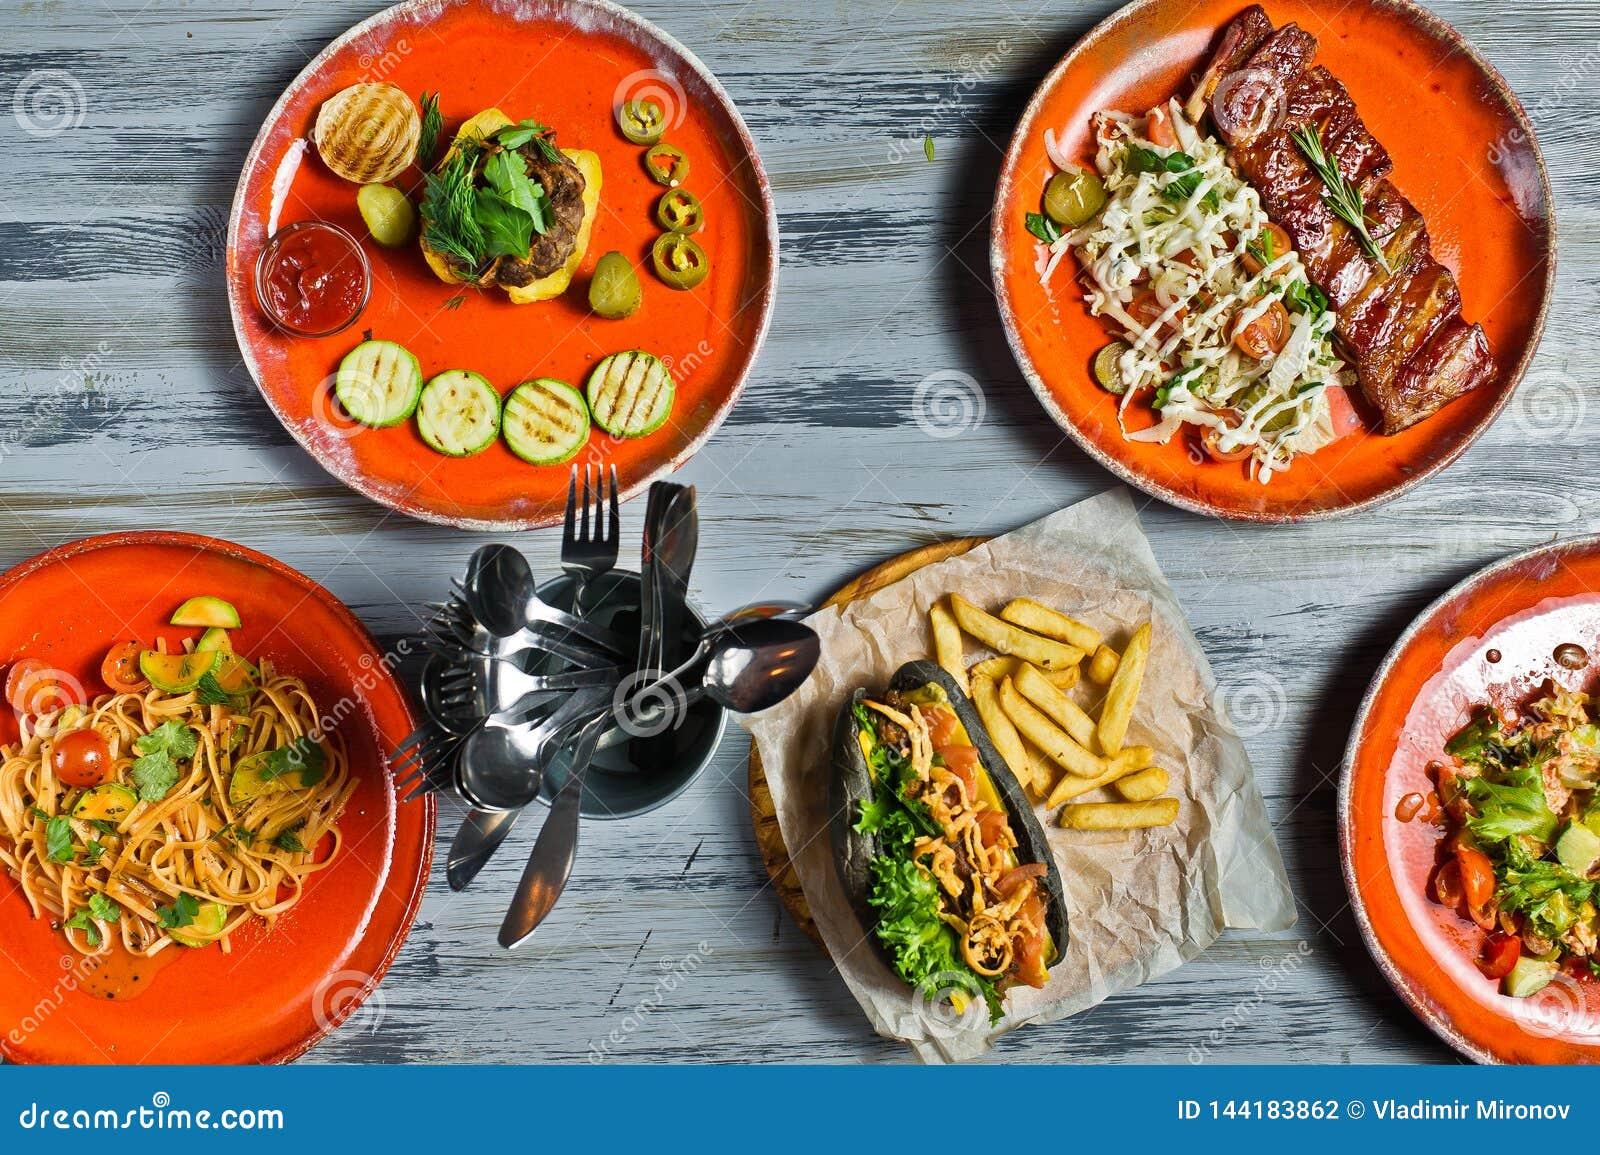 Schlagen Sie Nahrungsmittelgrill-Fleisch-Mittagessen-Restaurant-Menü-Bankett-Konzept-Würstchen, Grillschweinefleischrippen, Steak